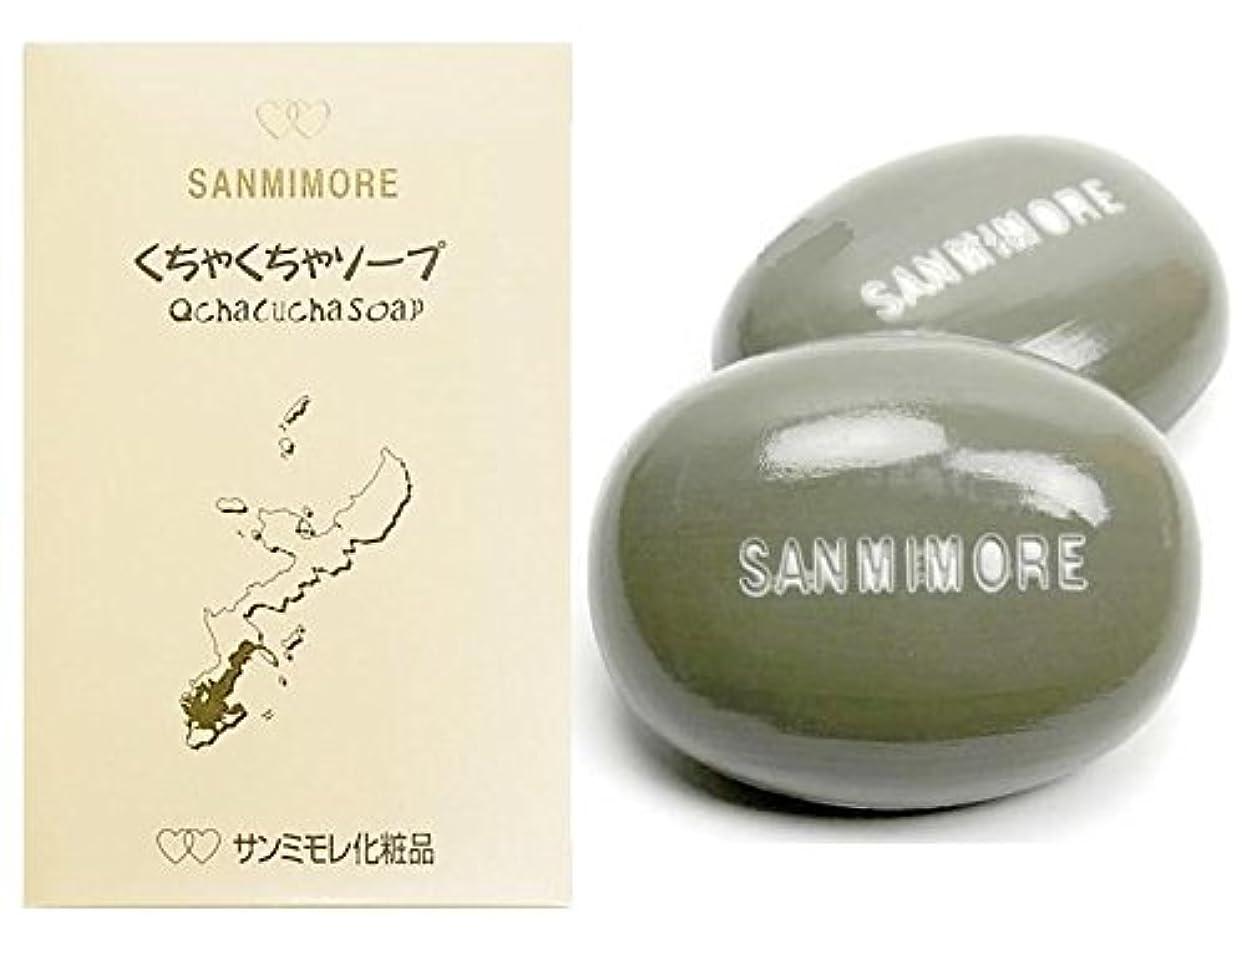 純粋なあなたのもの楽しむSANMIMORE(サンミモレ化粧品) くちゃくちゃソープ75g×2個 サンミモレ ベール専用石鹸